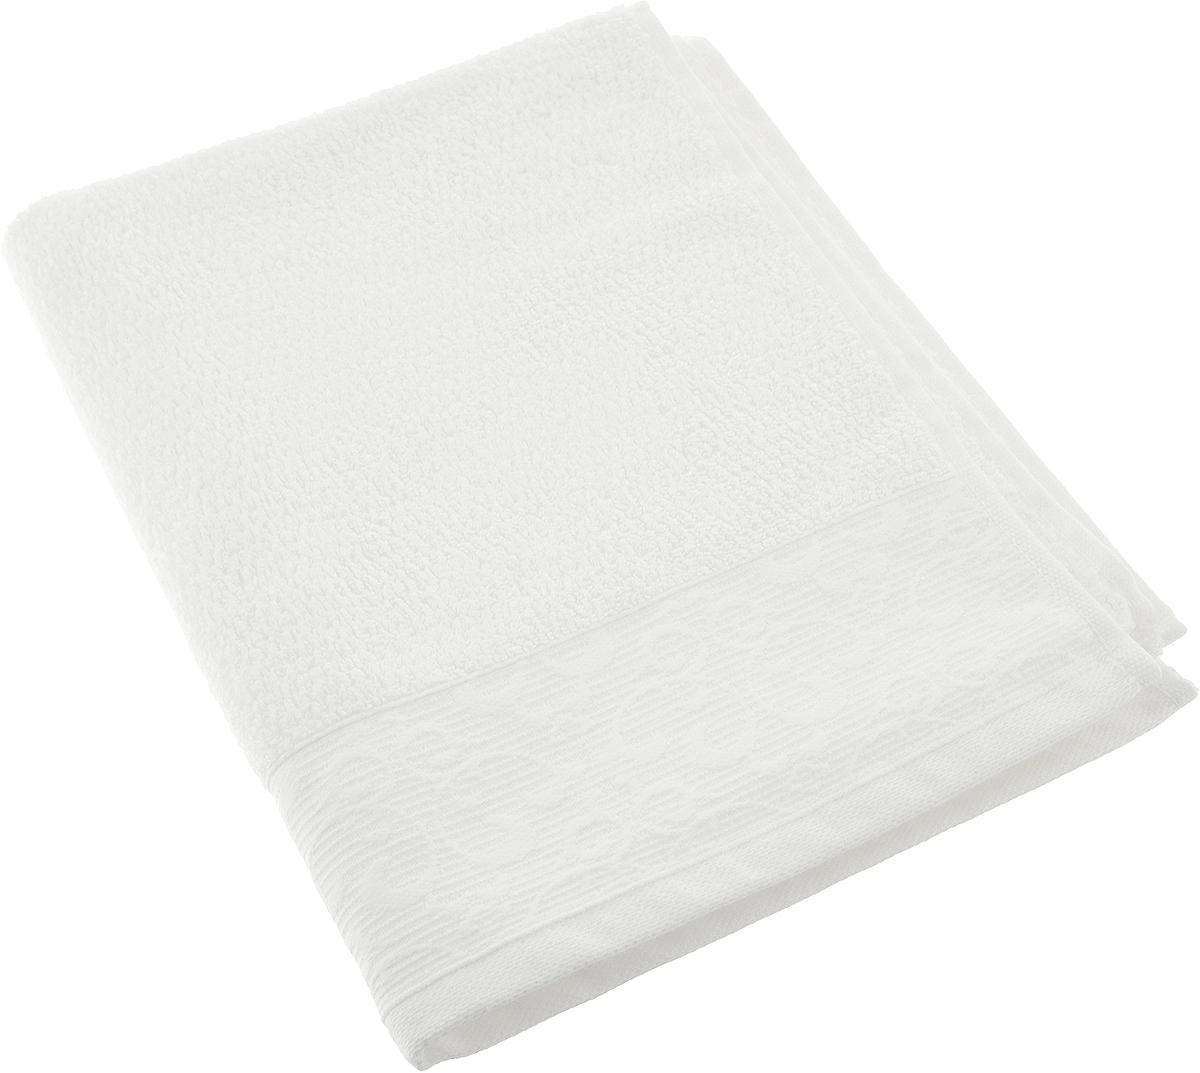 Полотенце махровое Issimo Home Verda, цвет: молочный, 50 х 90 см00000005469Прекрасное полотенце Issimo Home Verda выполнено из натуральной махровой ткани (100% хлопок). Изделие отлично впитывает влагу, быстро сохнет и не теряет форму даже после многократных стирок.Рекомендации по уходу:- режим стирки при 40°C,- допускается обычная химчистка,- отбеливание запрещено,- глажка при температуре подошвы утюга до 110°С,- барабанный отжим запрещен.Размер полотенца: 50 x 90 см.